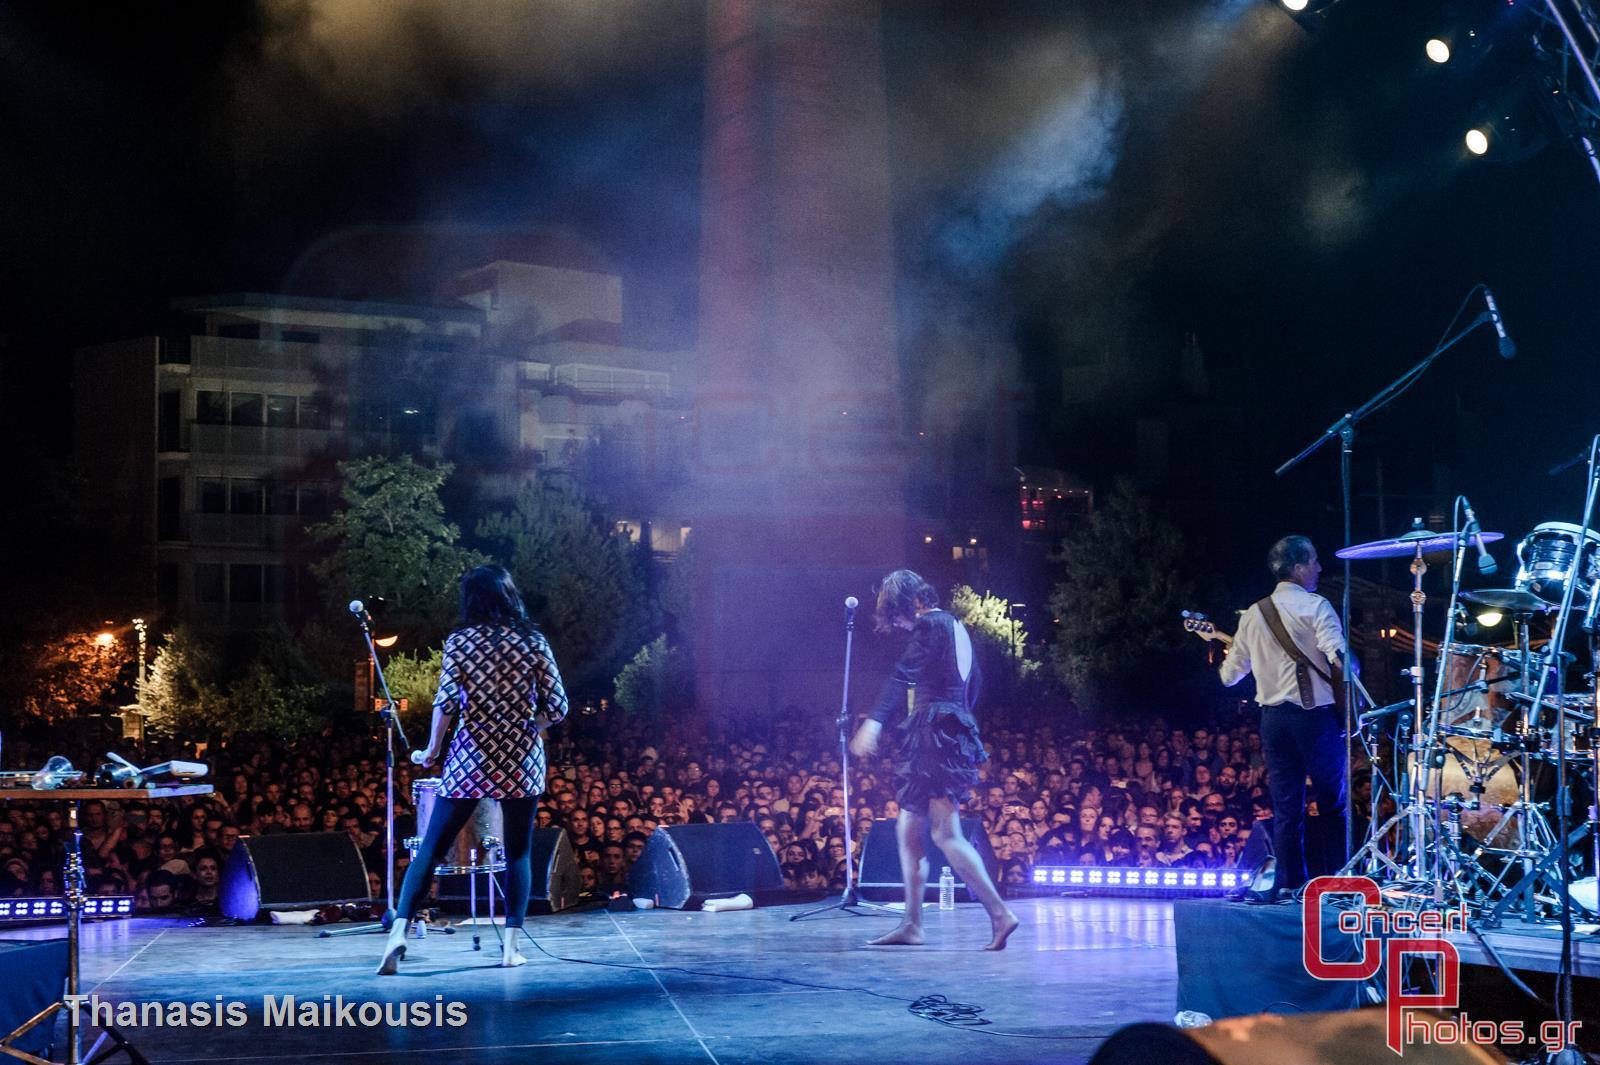 Nouvelle Vague-Nuvelle Vague photographer: Thanasis Maikousis - concertphotos_-8853